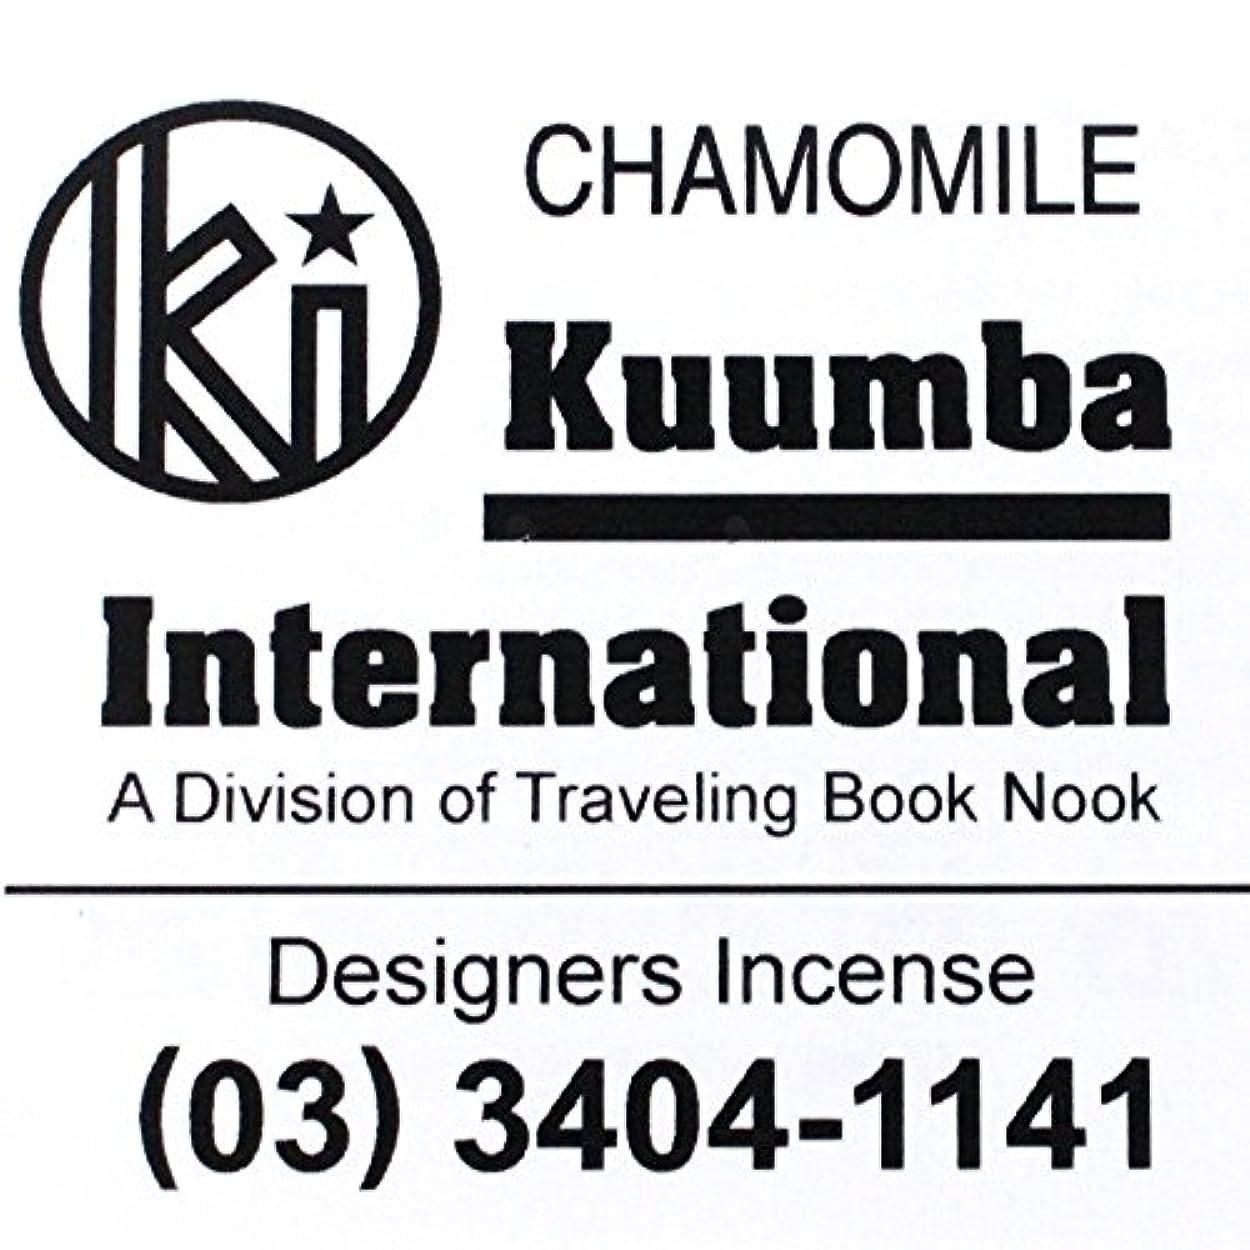 ラケットビーチマーキー(クンバ) KUUMBA『incense』(CHAMOMILE) (Regular size)